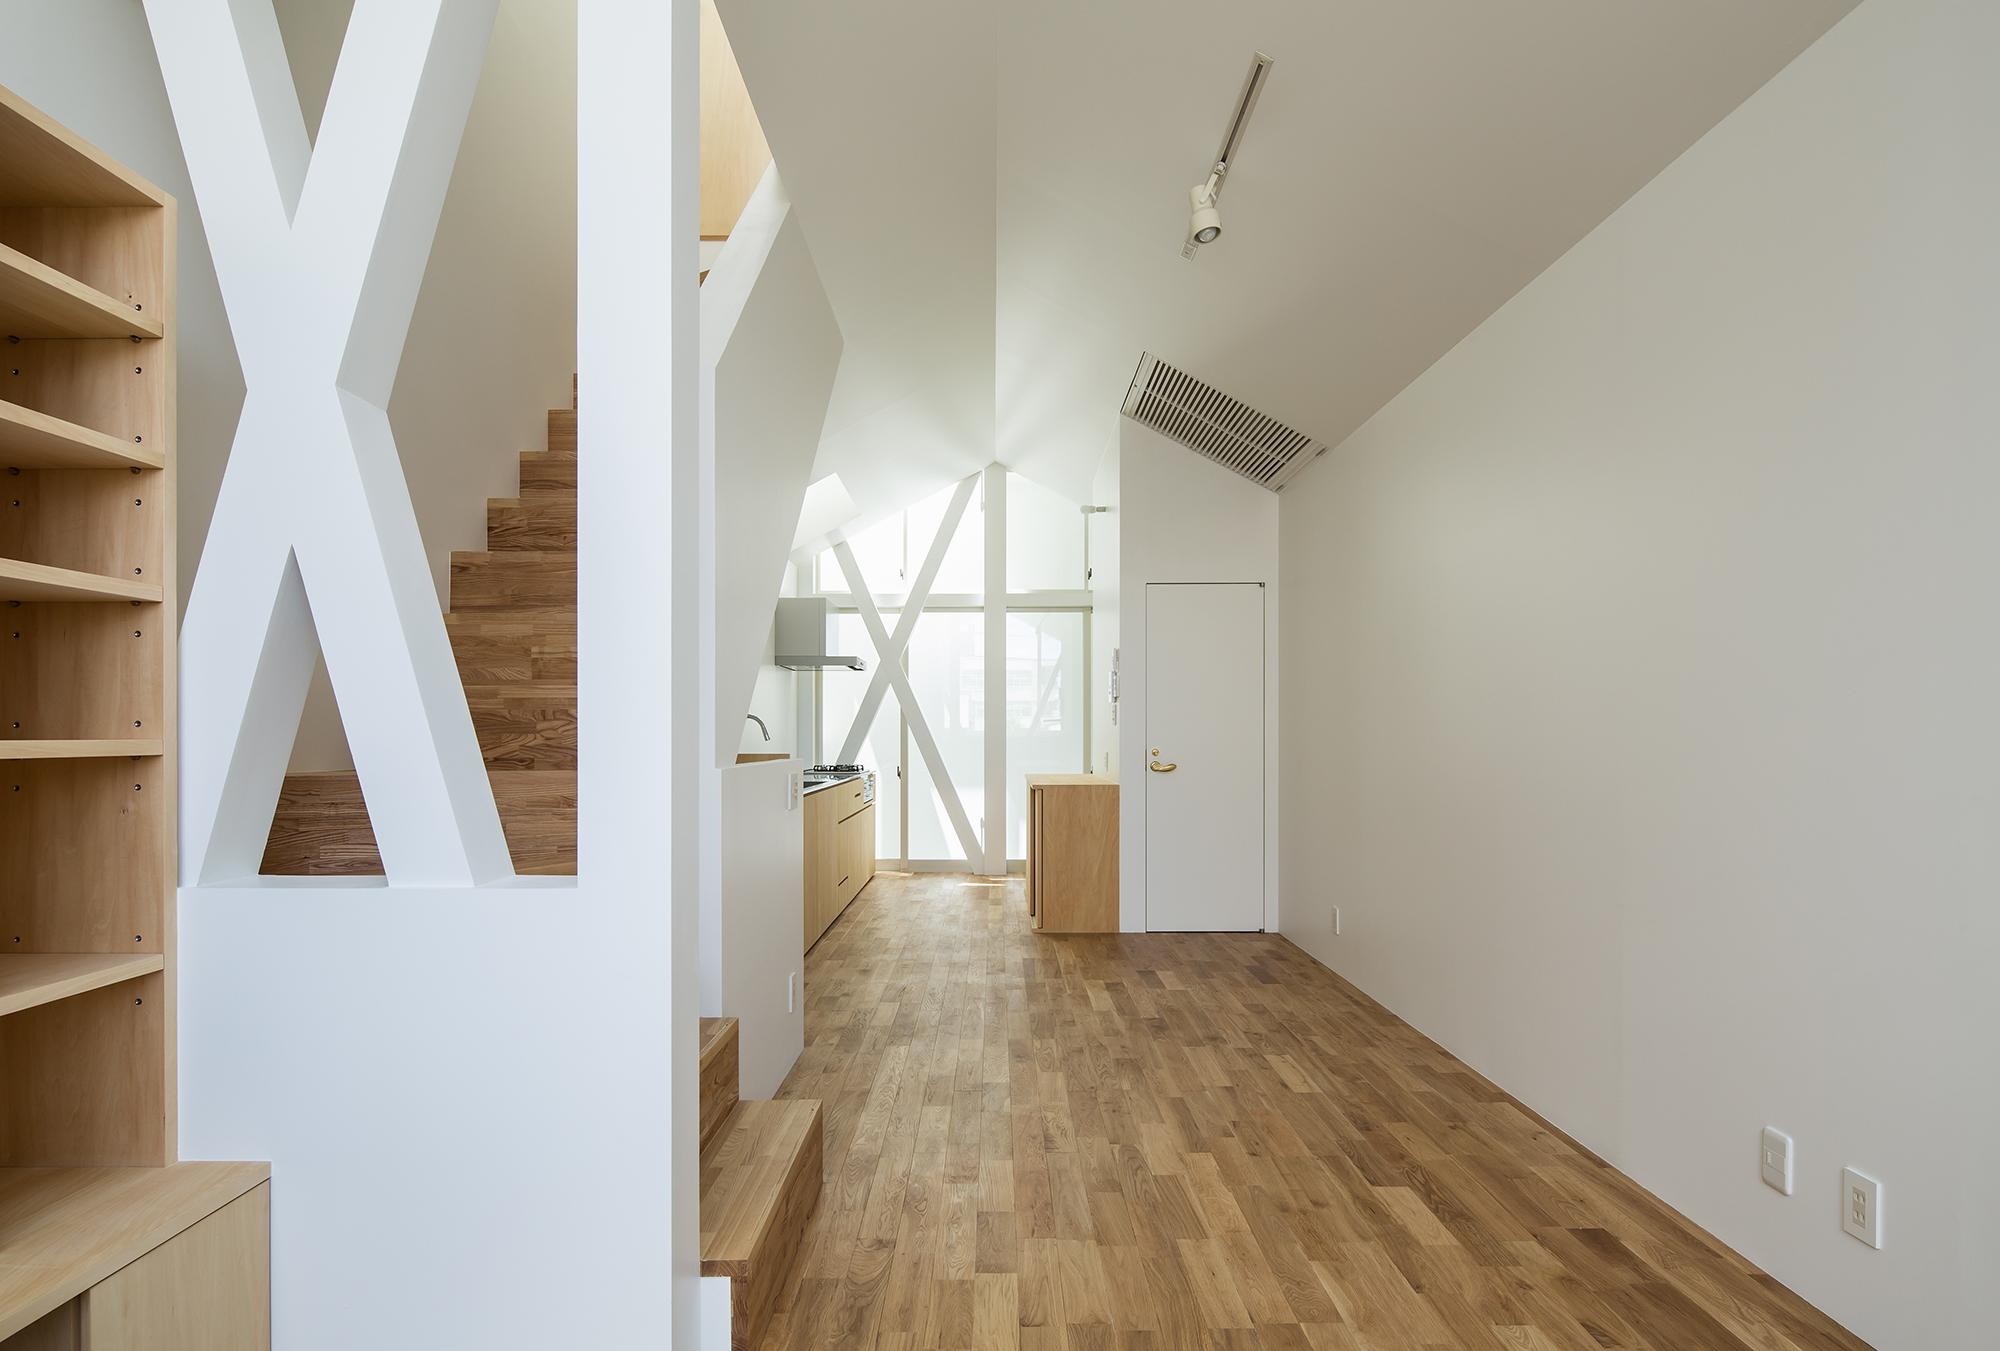 建築家が設計した木造3階建ての住宅